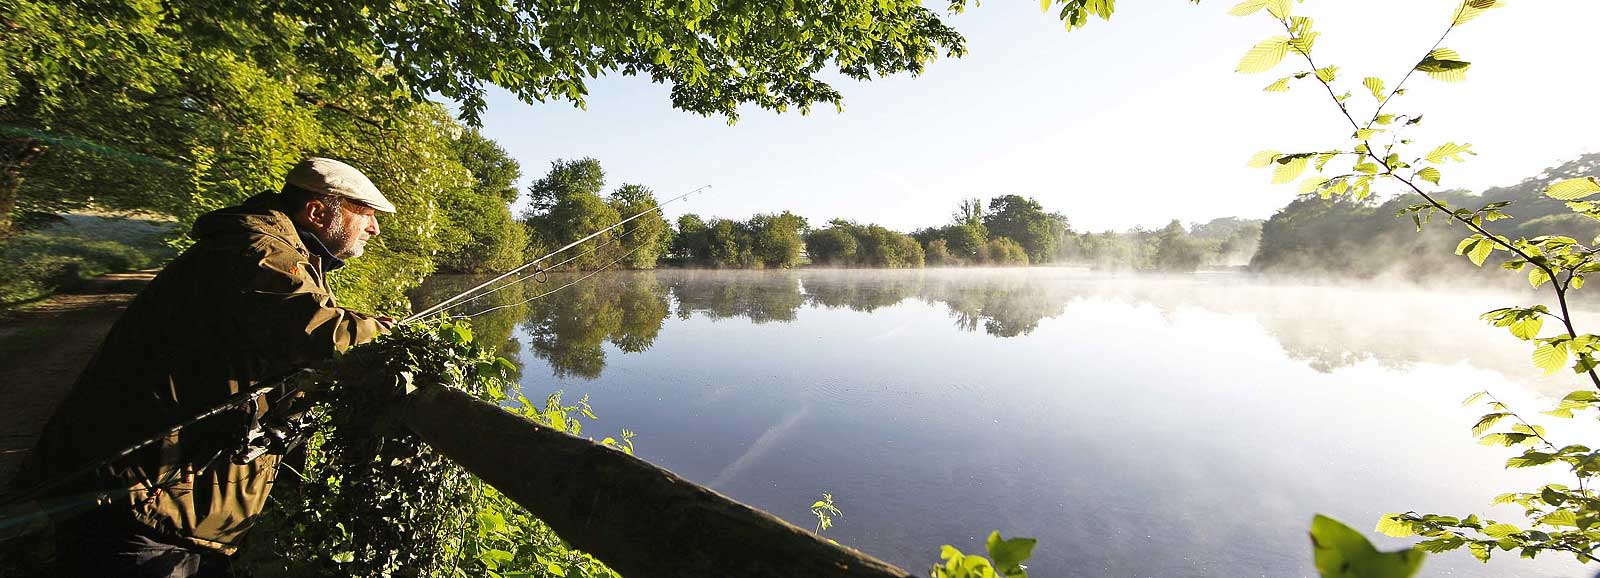 Napoleonic Lake & Cottage - Le Queroy Fishing Holidays